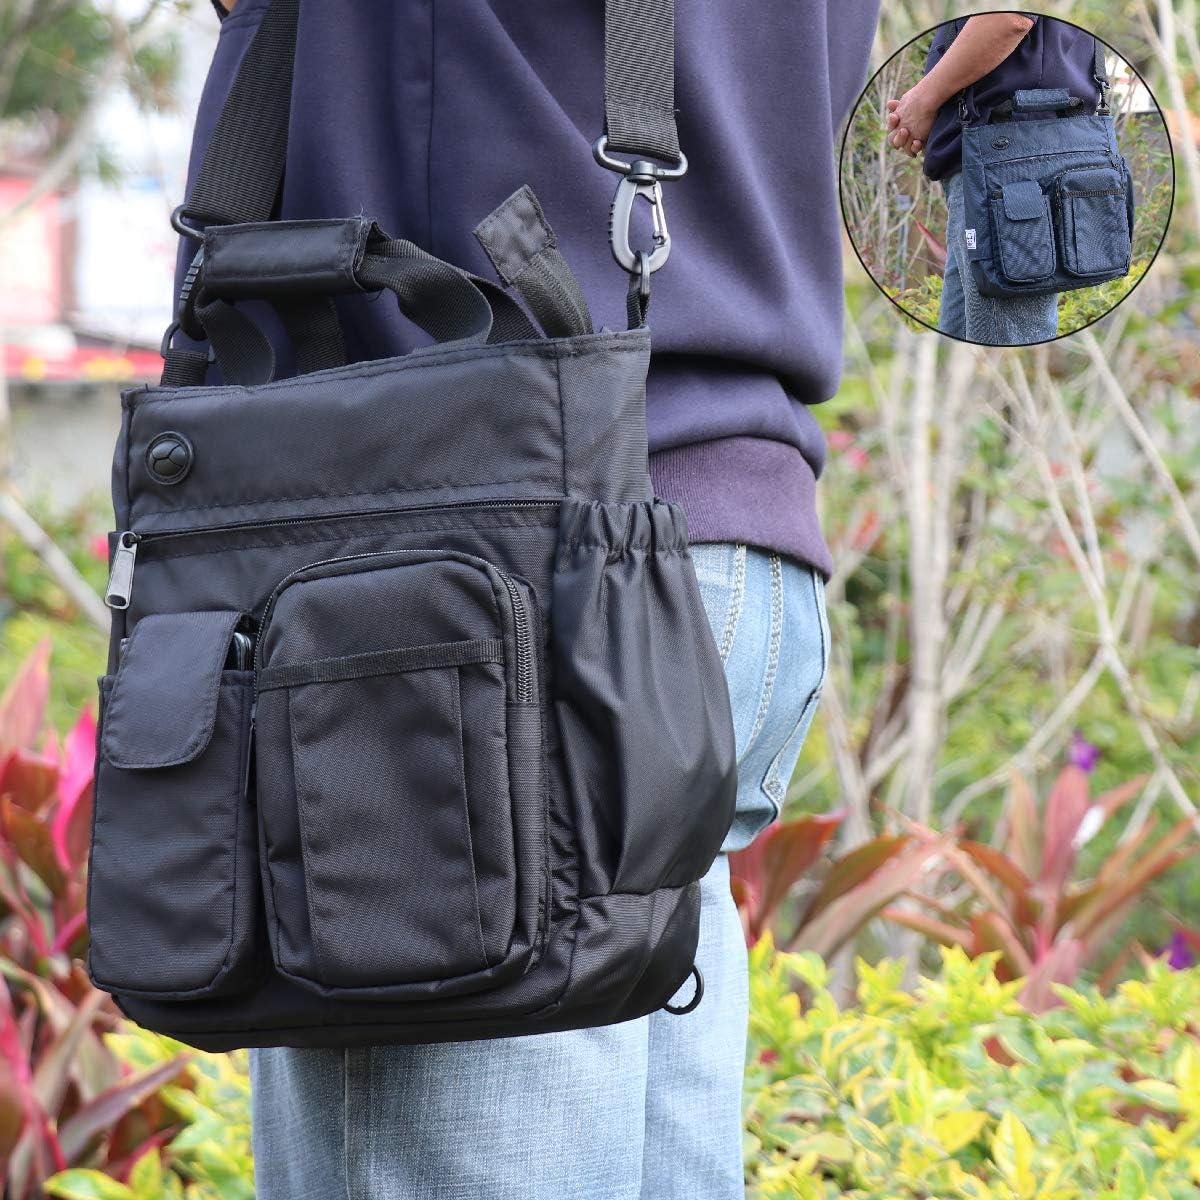 DGCLJY Backpack Waterproof Leather Multifunctional Backpack Messenger Bag Portable Backpack Handbag Shoulder Bag